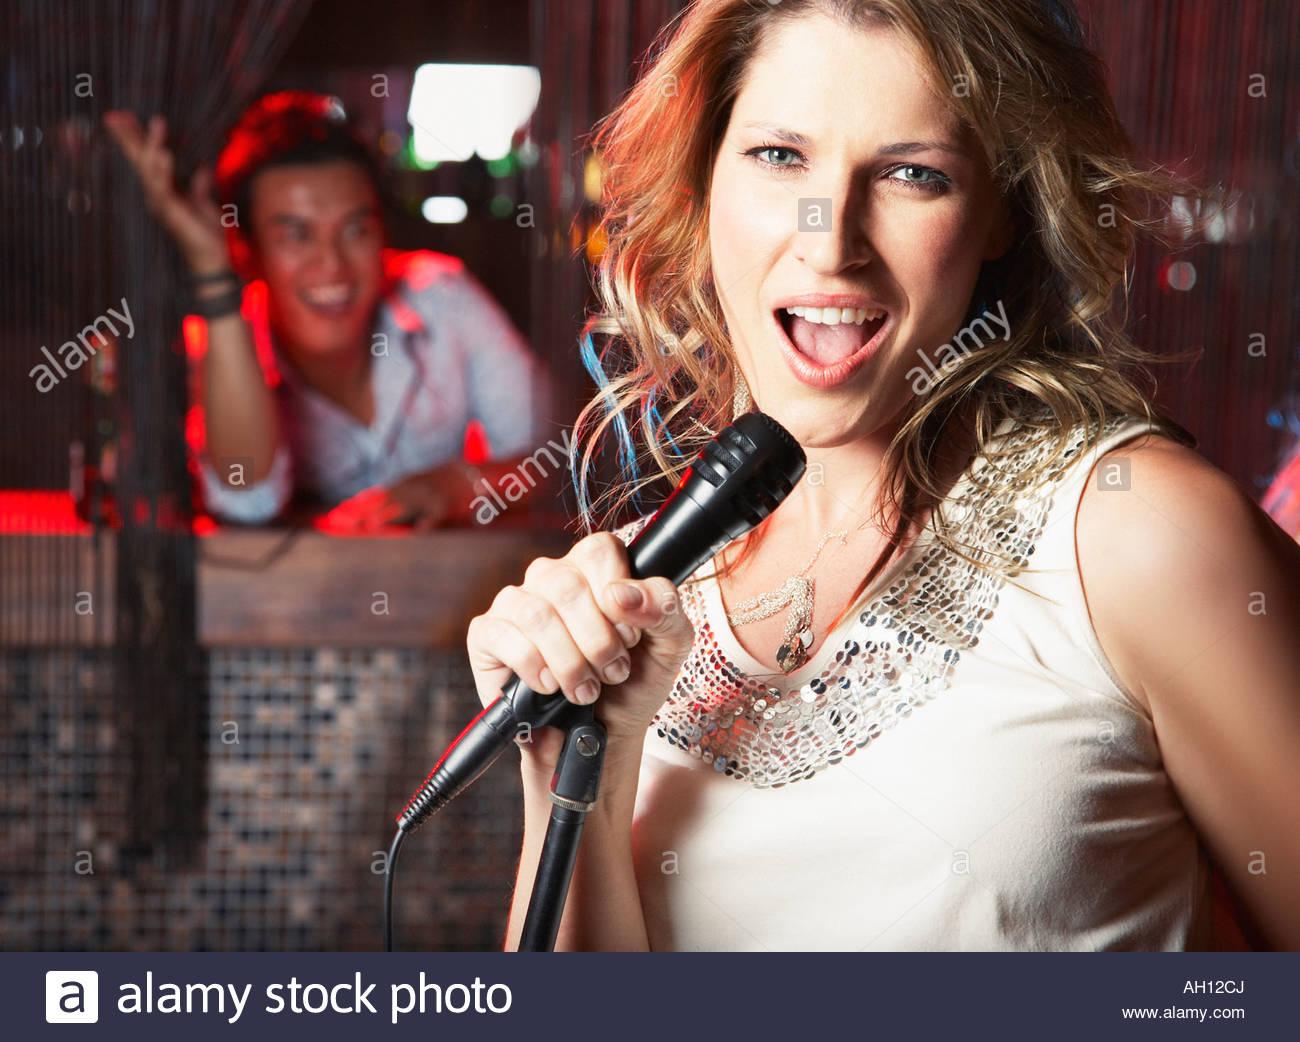 Une femme chantant dans un club Photo Stock